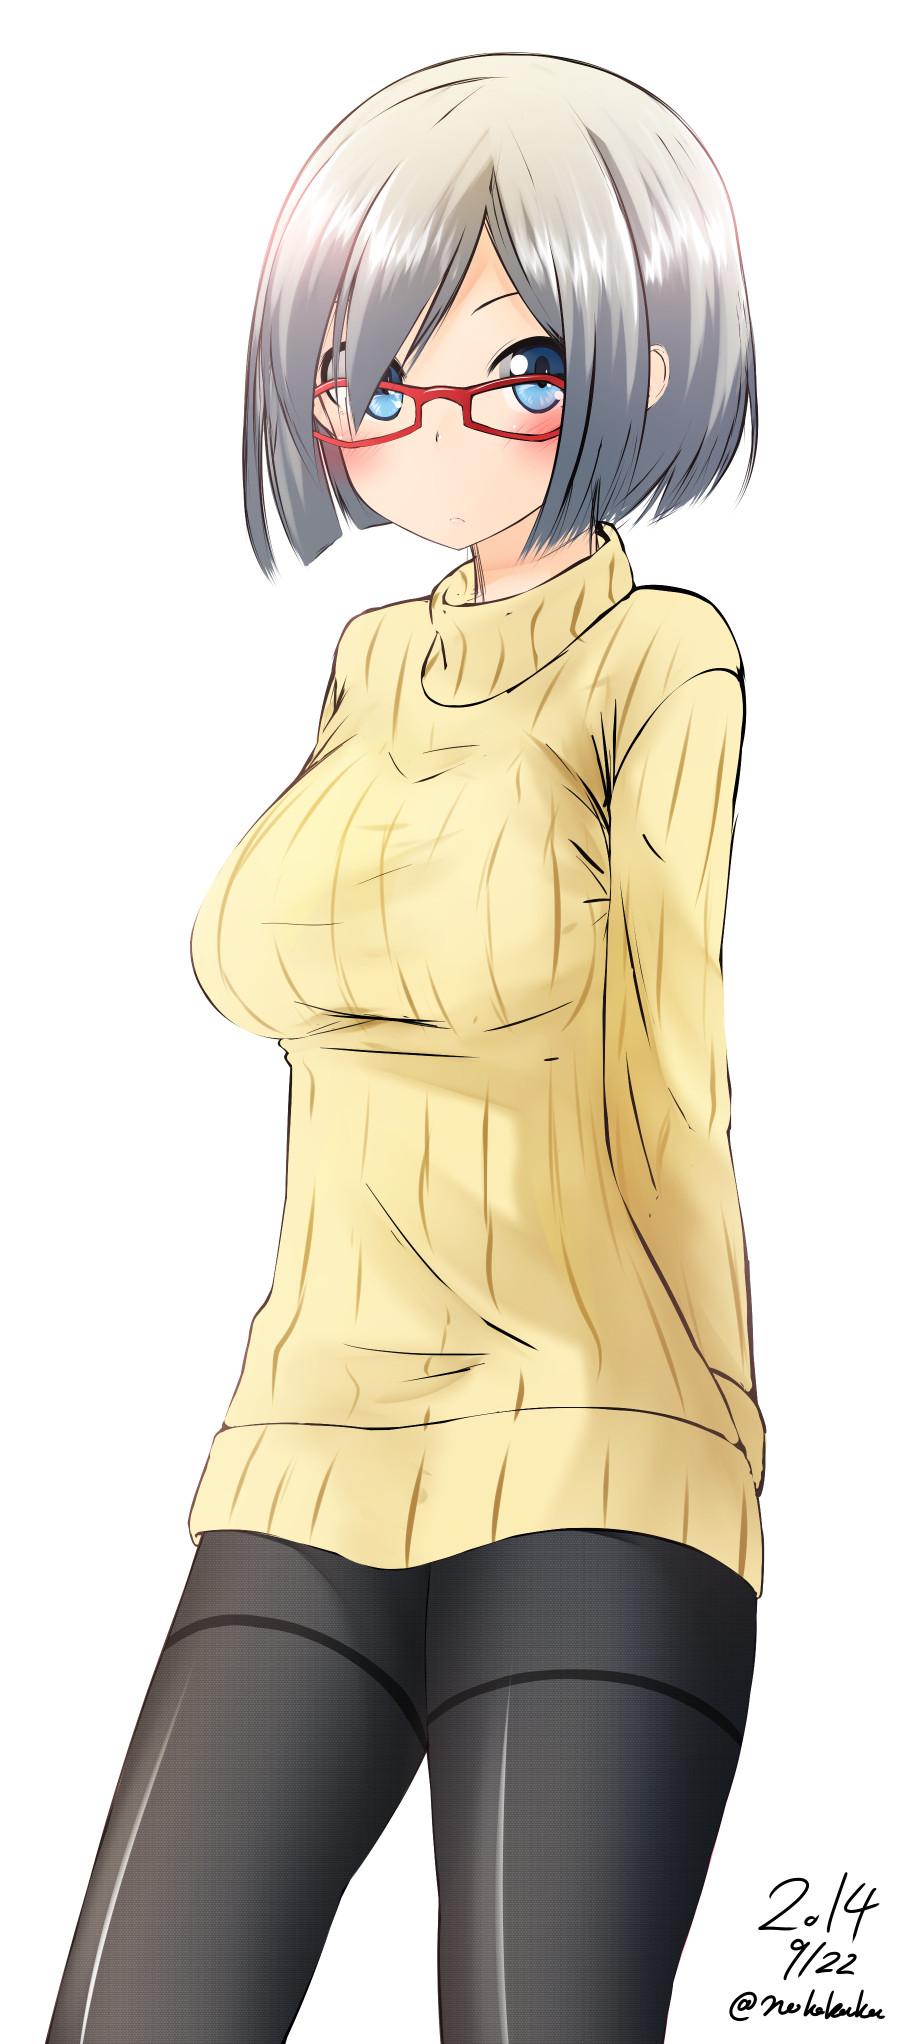 【二次エロ画像】巨乳美少女がセーター着たら特盛り凄すぎてメチャクチャされるフラグwww 02